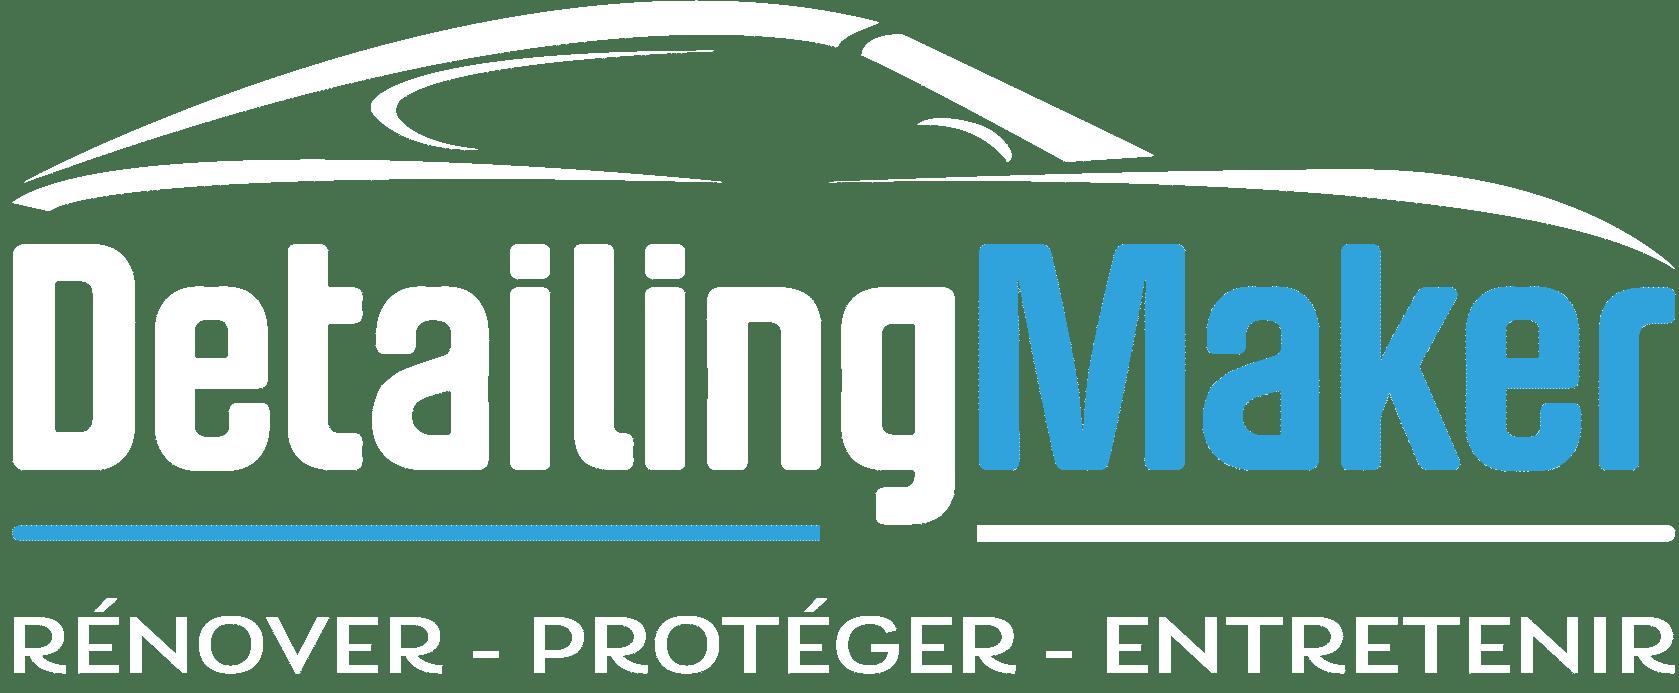 Detailing Maker : Centre de rénovation & protection automobile